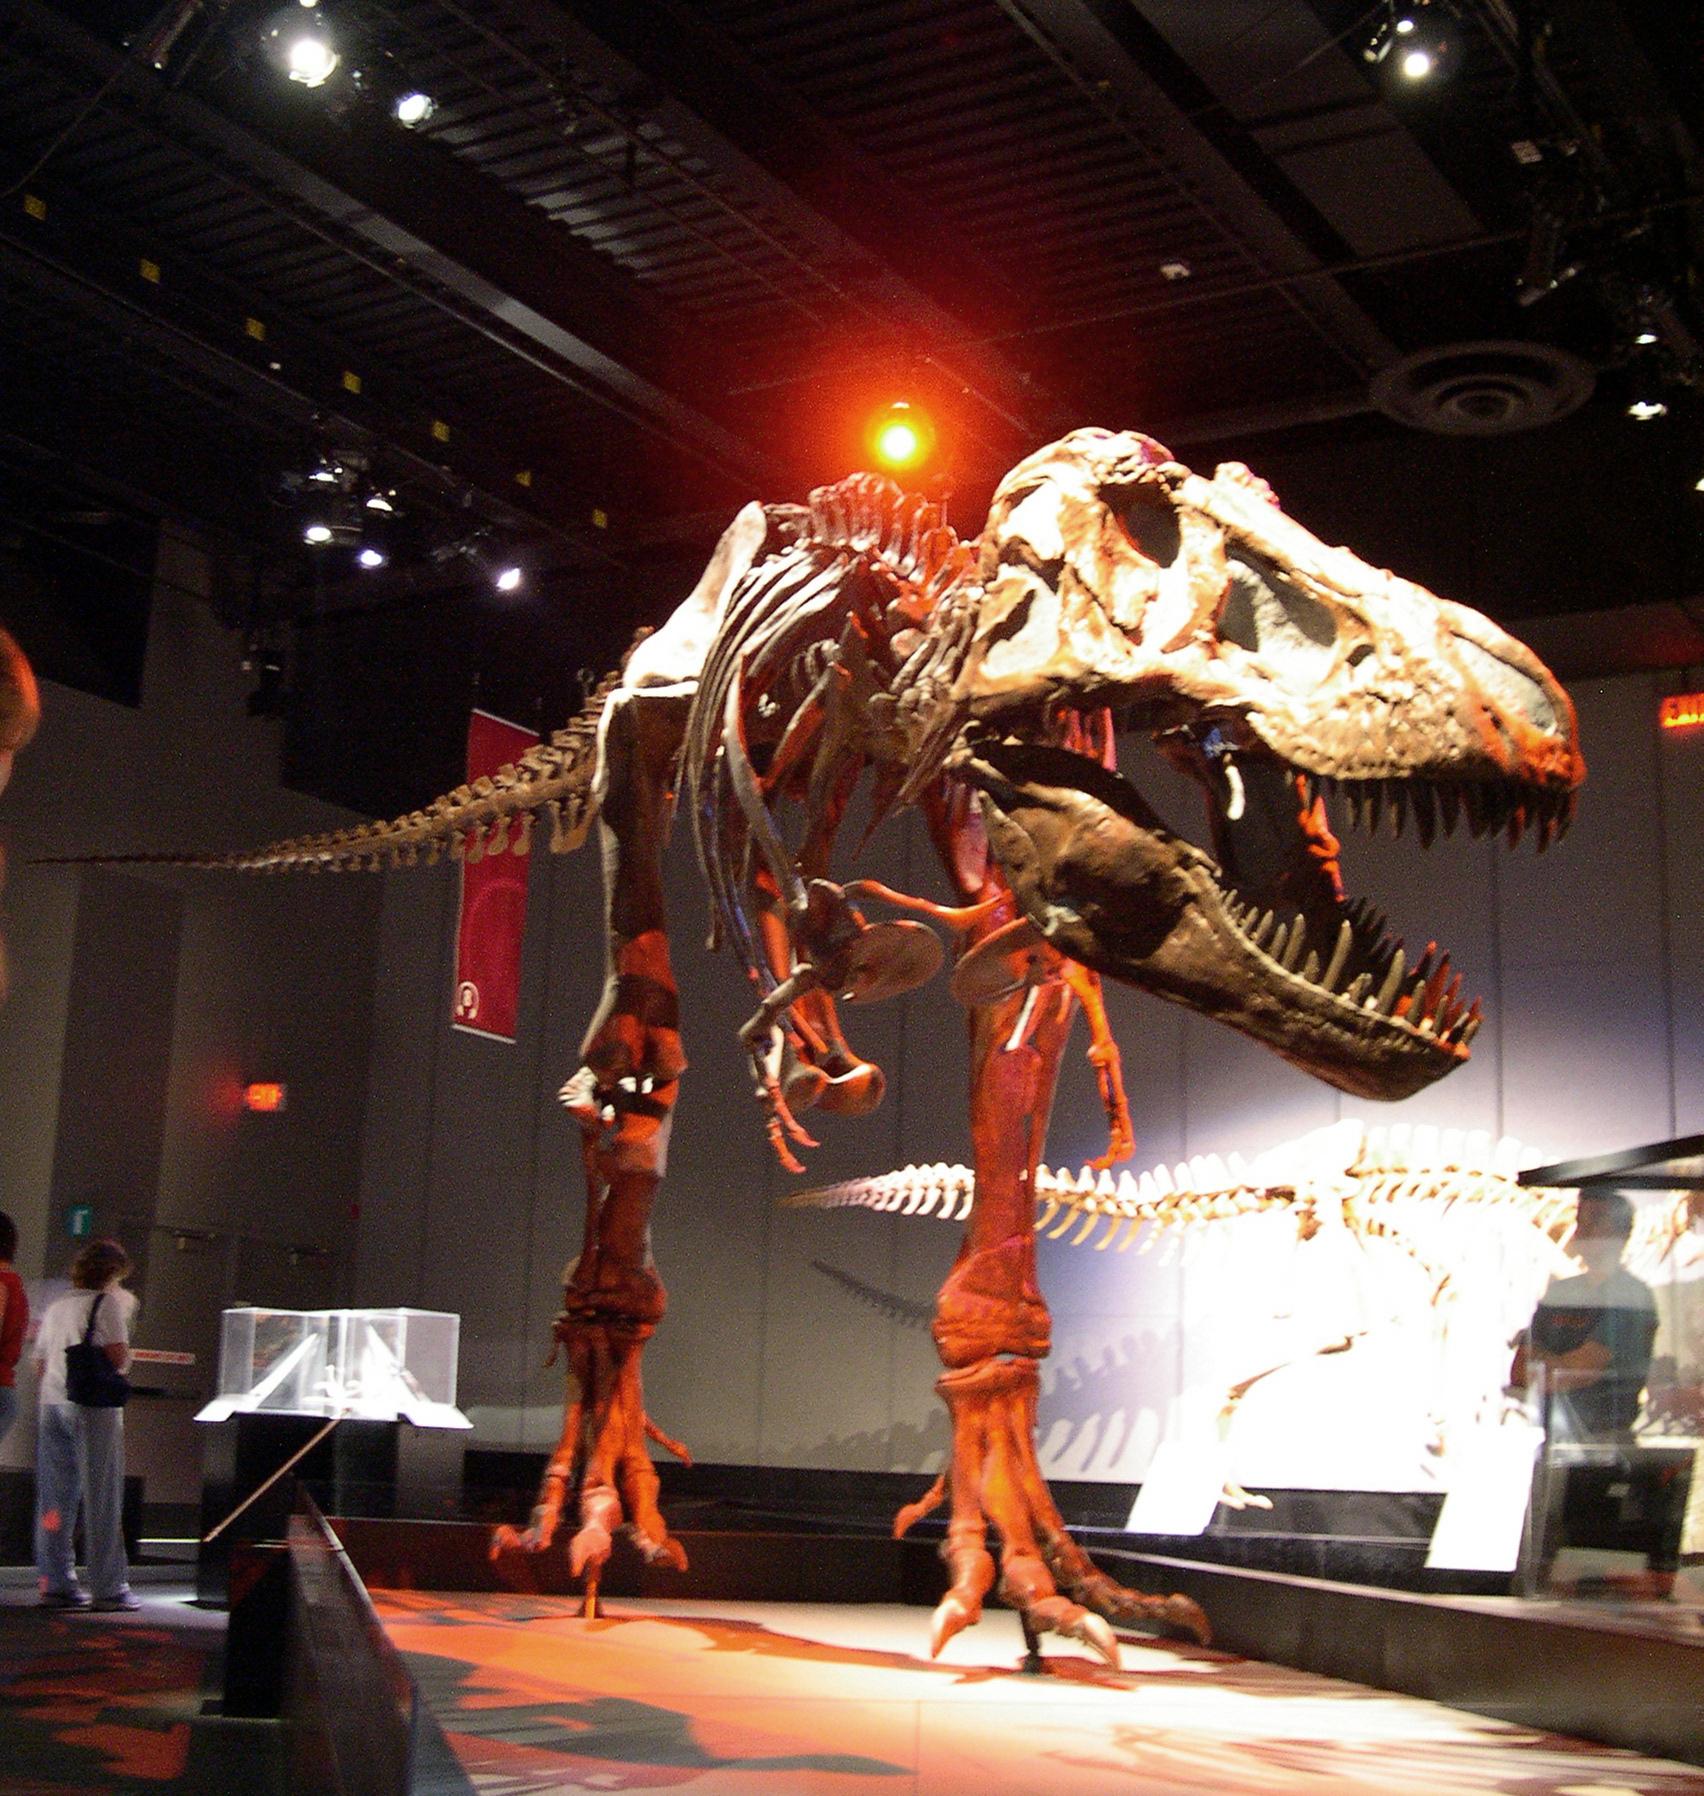 https://upload.wikimedia.org/wikipedia/commons/2/22/Dinosaur_skeleton_at_Tyrrell.jpg